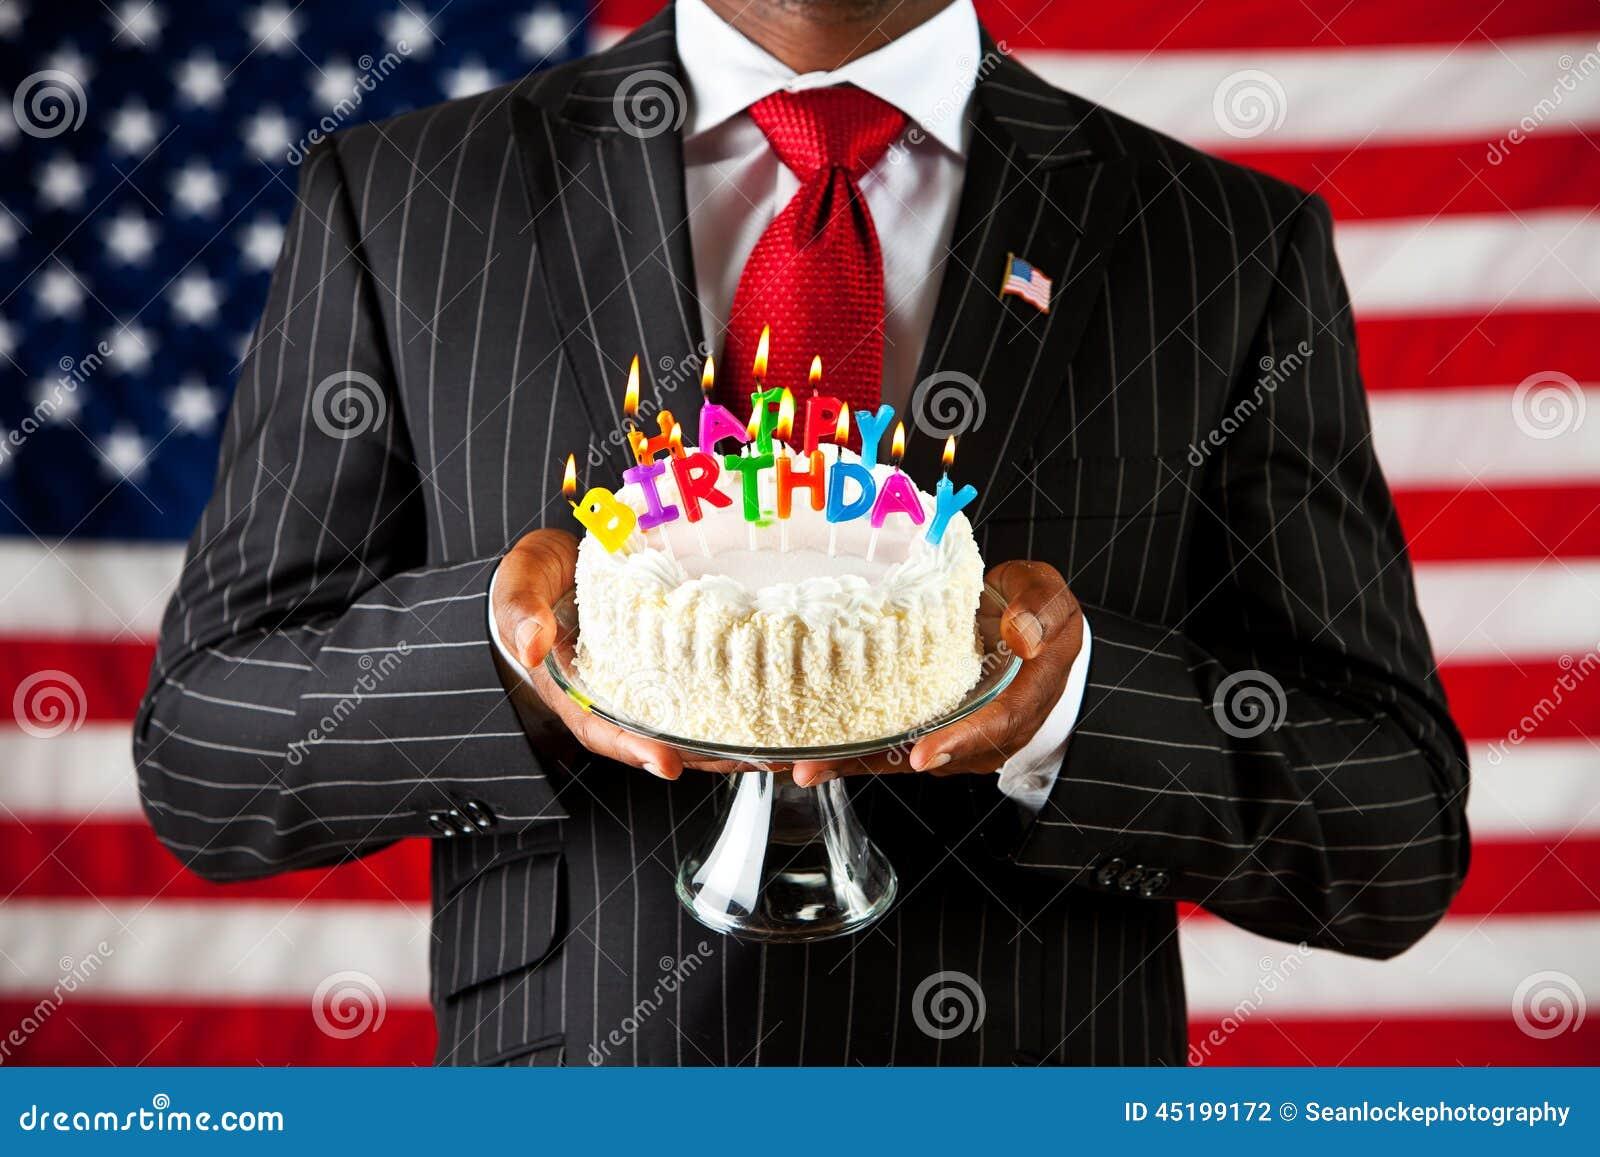 Politiker Alles Gute Zum Geburtstag Nach Amerika Stockfoto Bild